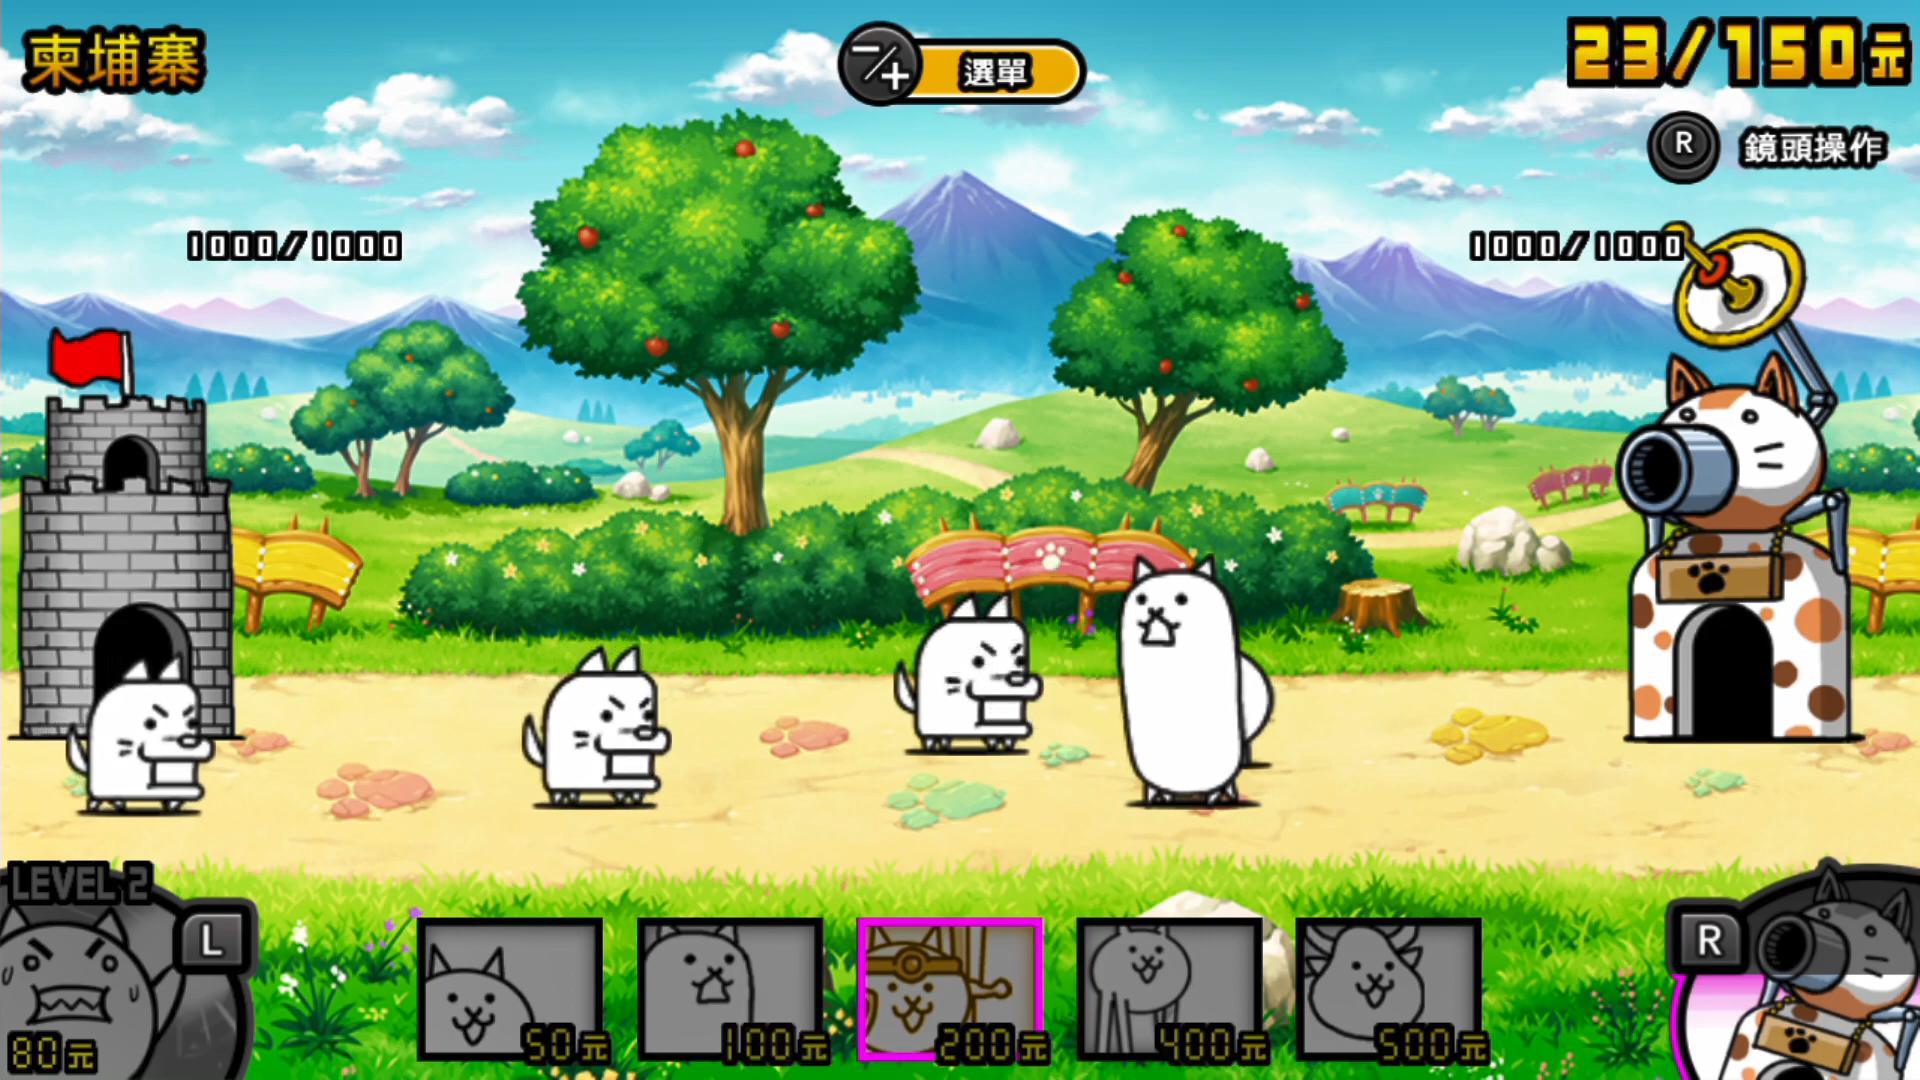 《两人一起!猫咪大战争》多模式实机演示 收录原创小游戏包含超350种猫咪